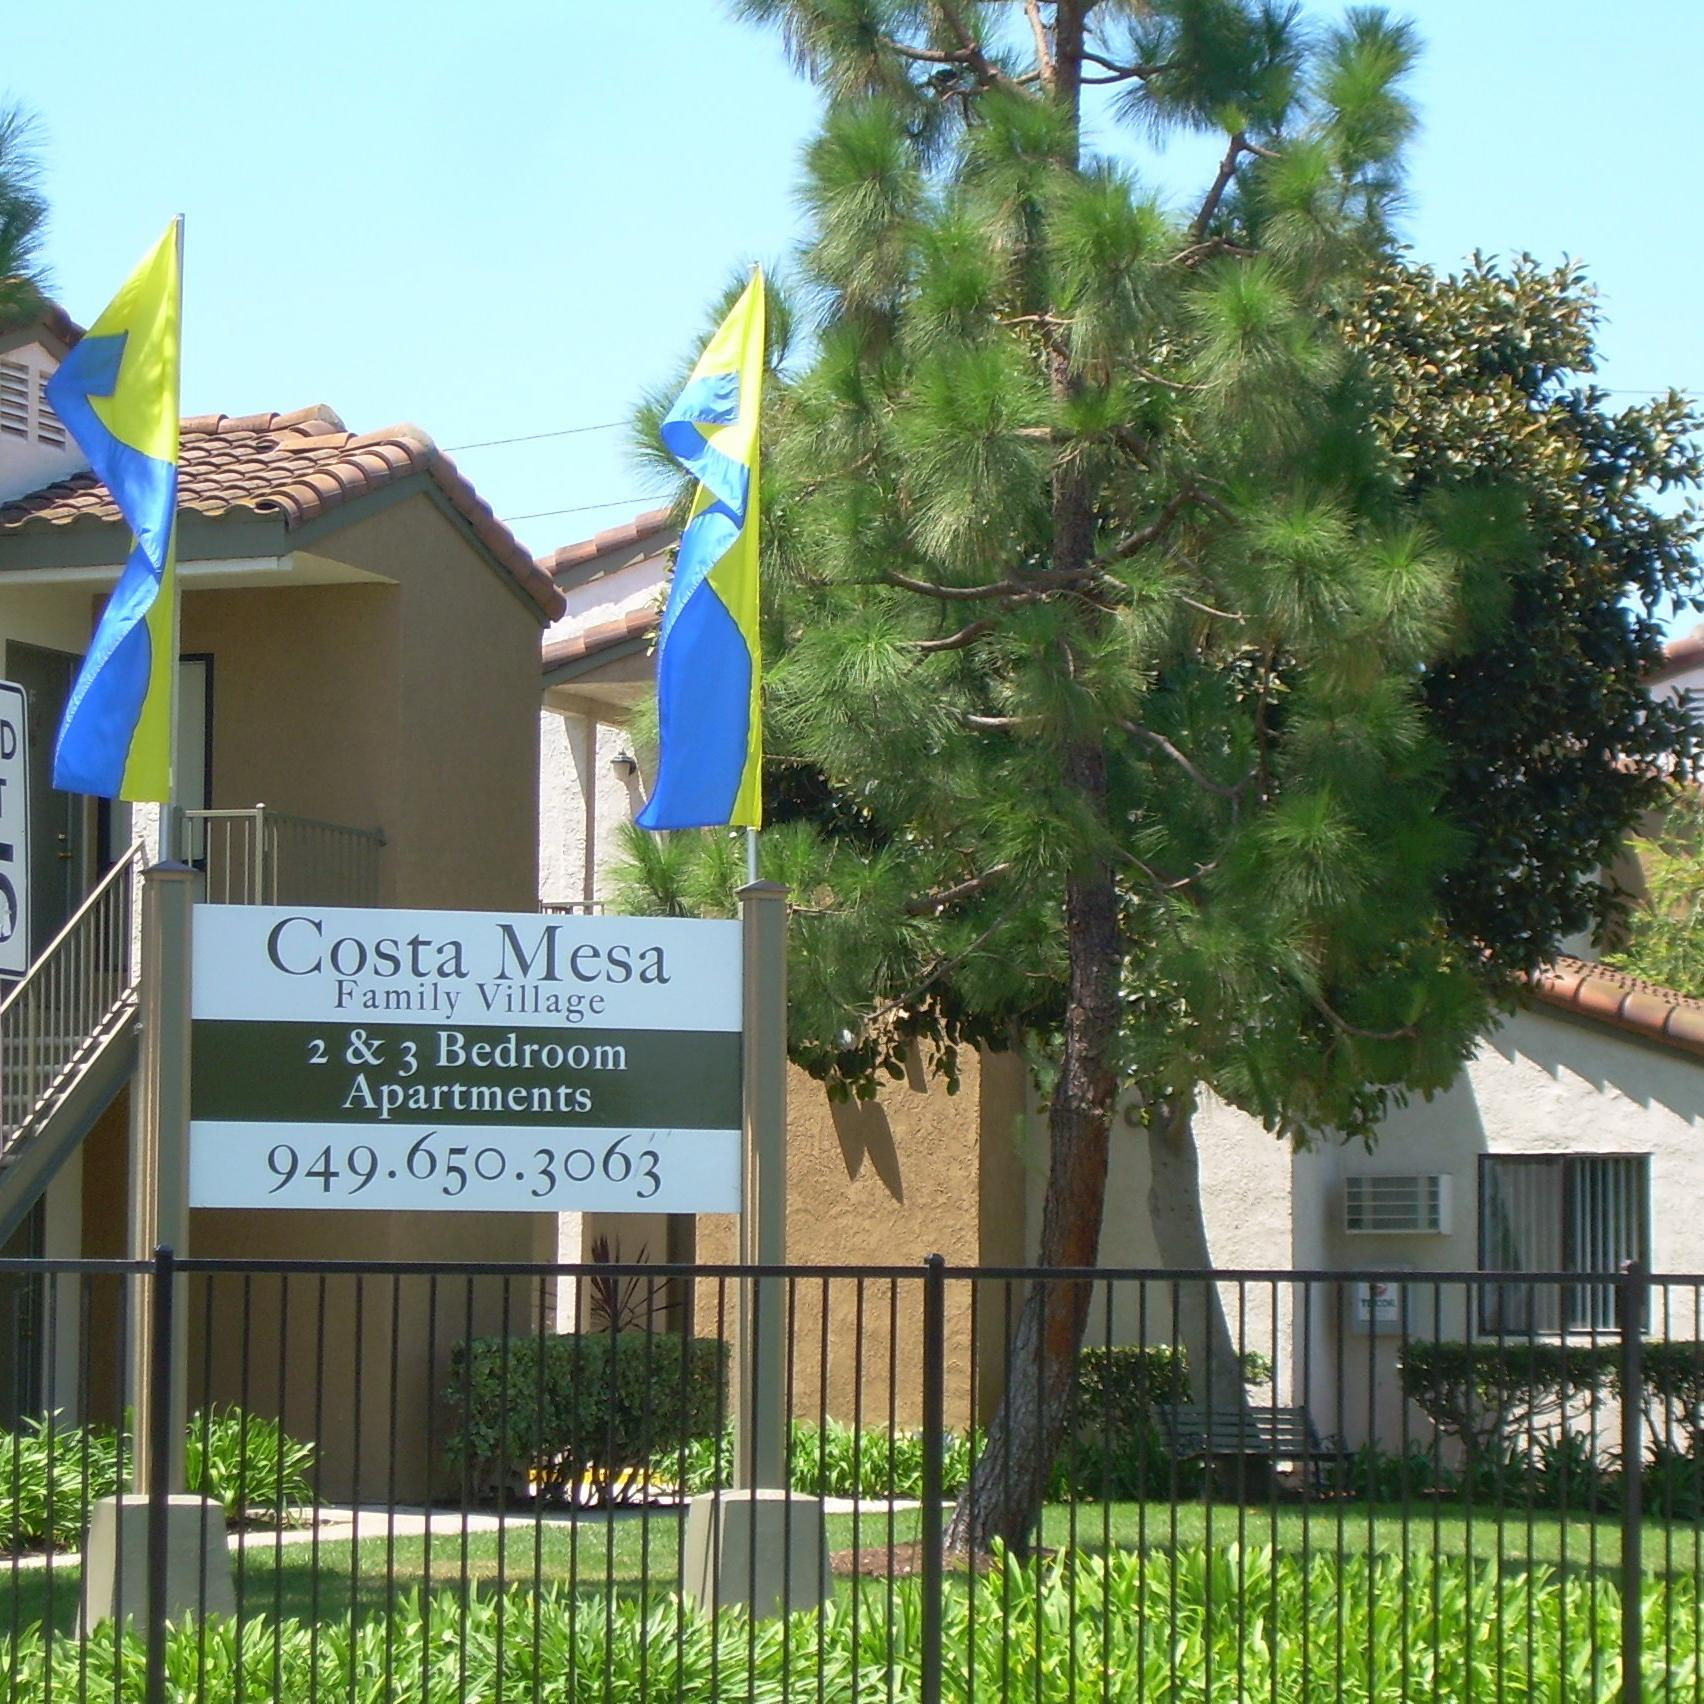 Apartments In Costa Mesa: Costa Mesa Apts (@costamesaapt)